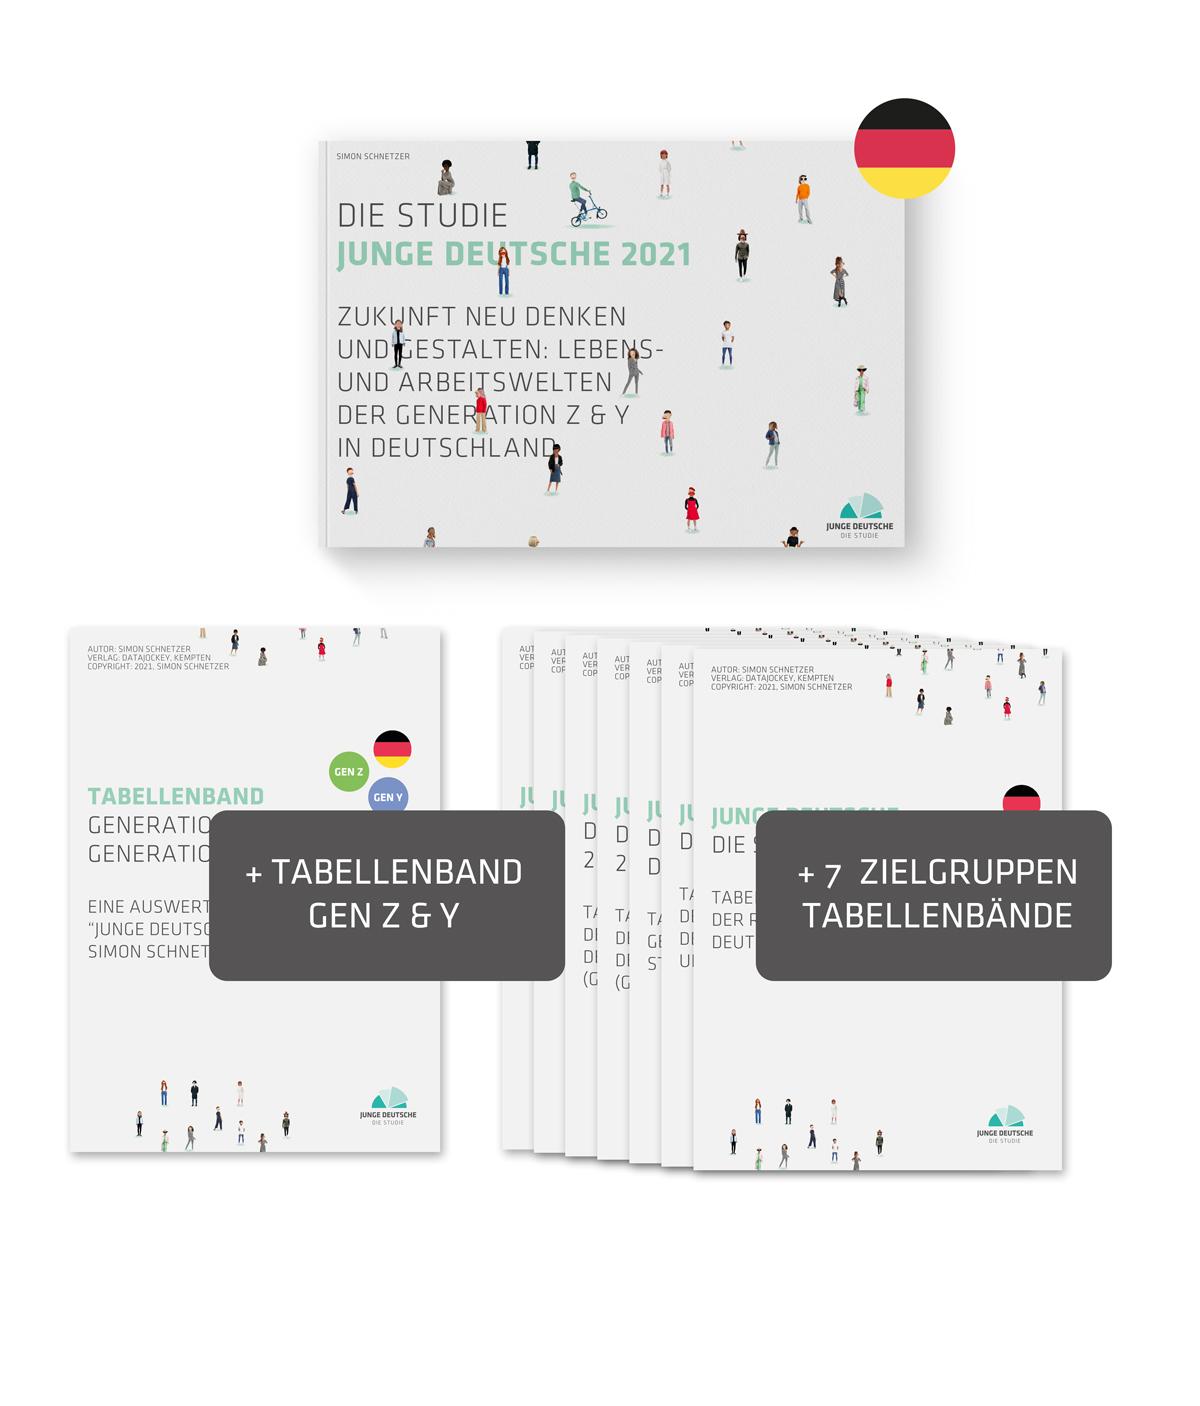 Produktbild - Studie Junge Deutsche 2021 Publikation ZIELGRUPPENANALYSE